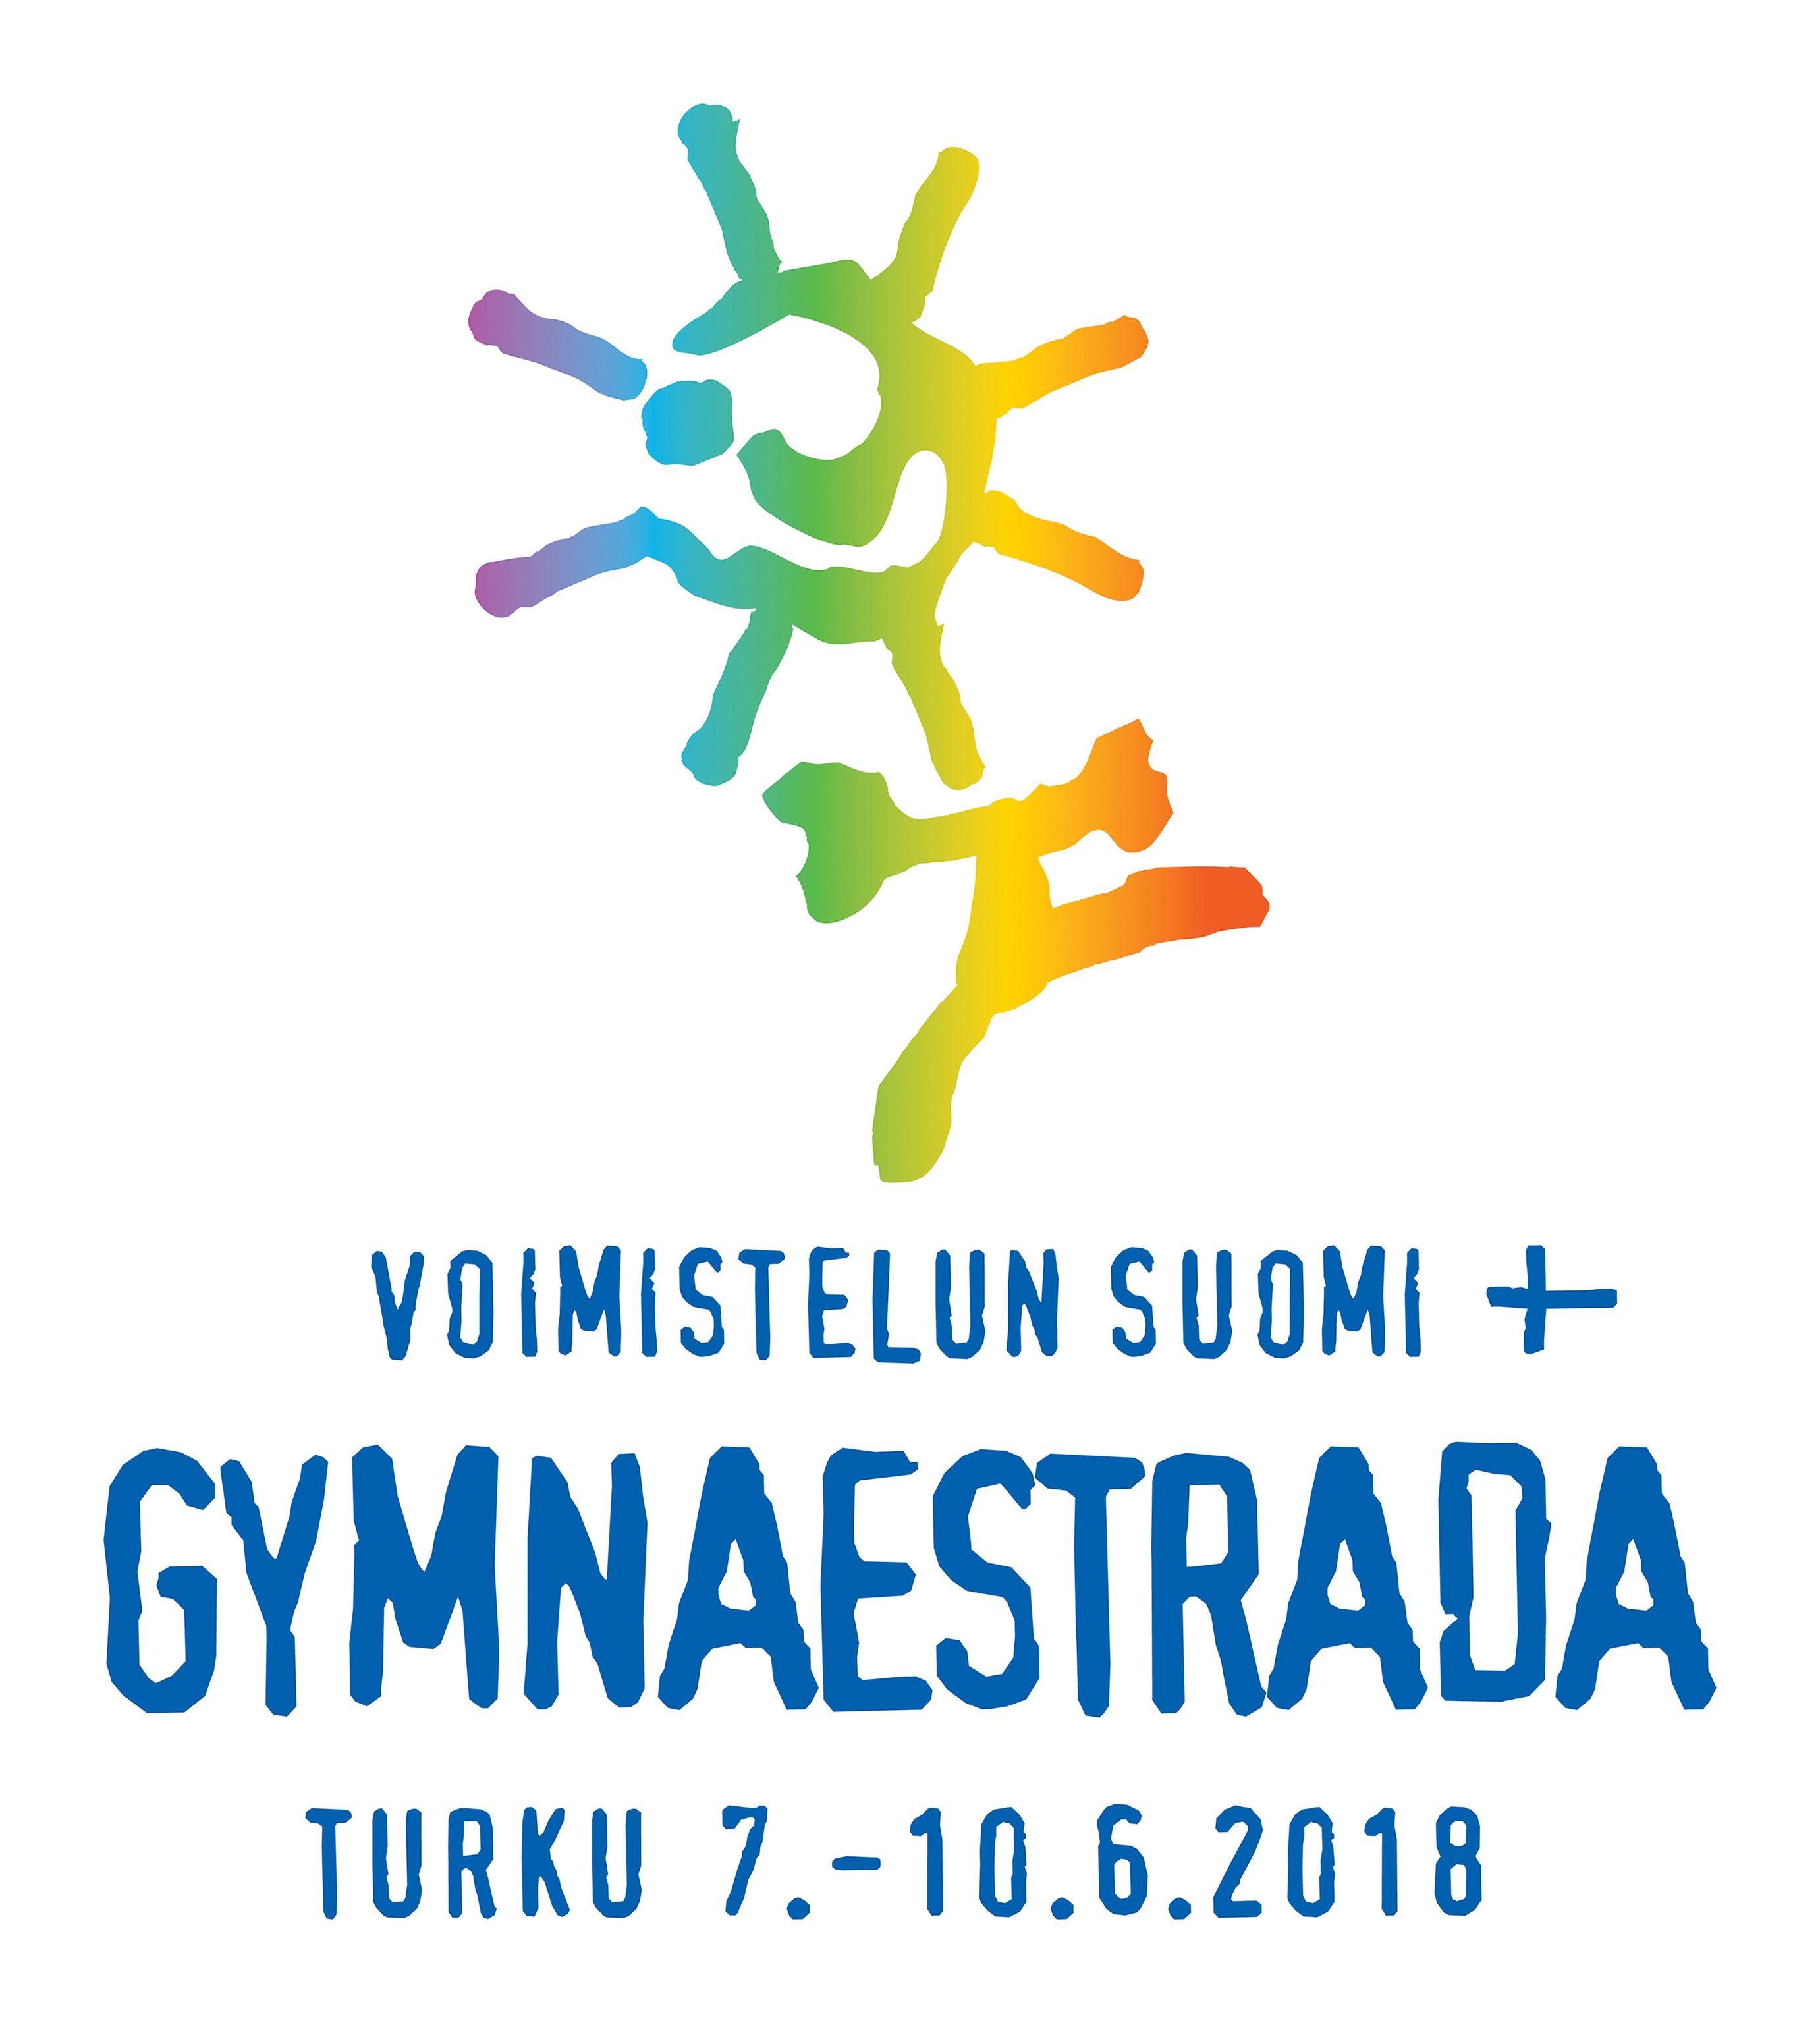 Suomi Gymnaestradan yhteisharjoitukset Kempeleessä su 22.4.2018